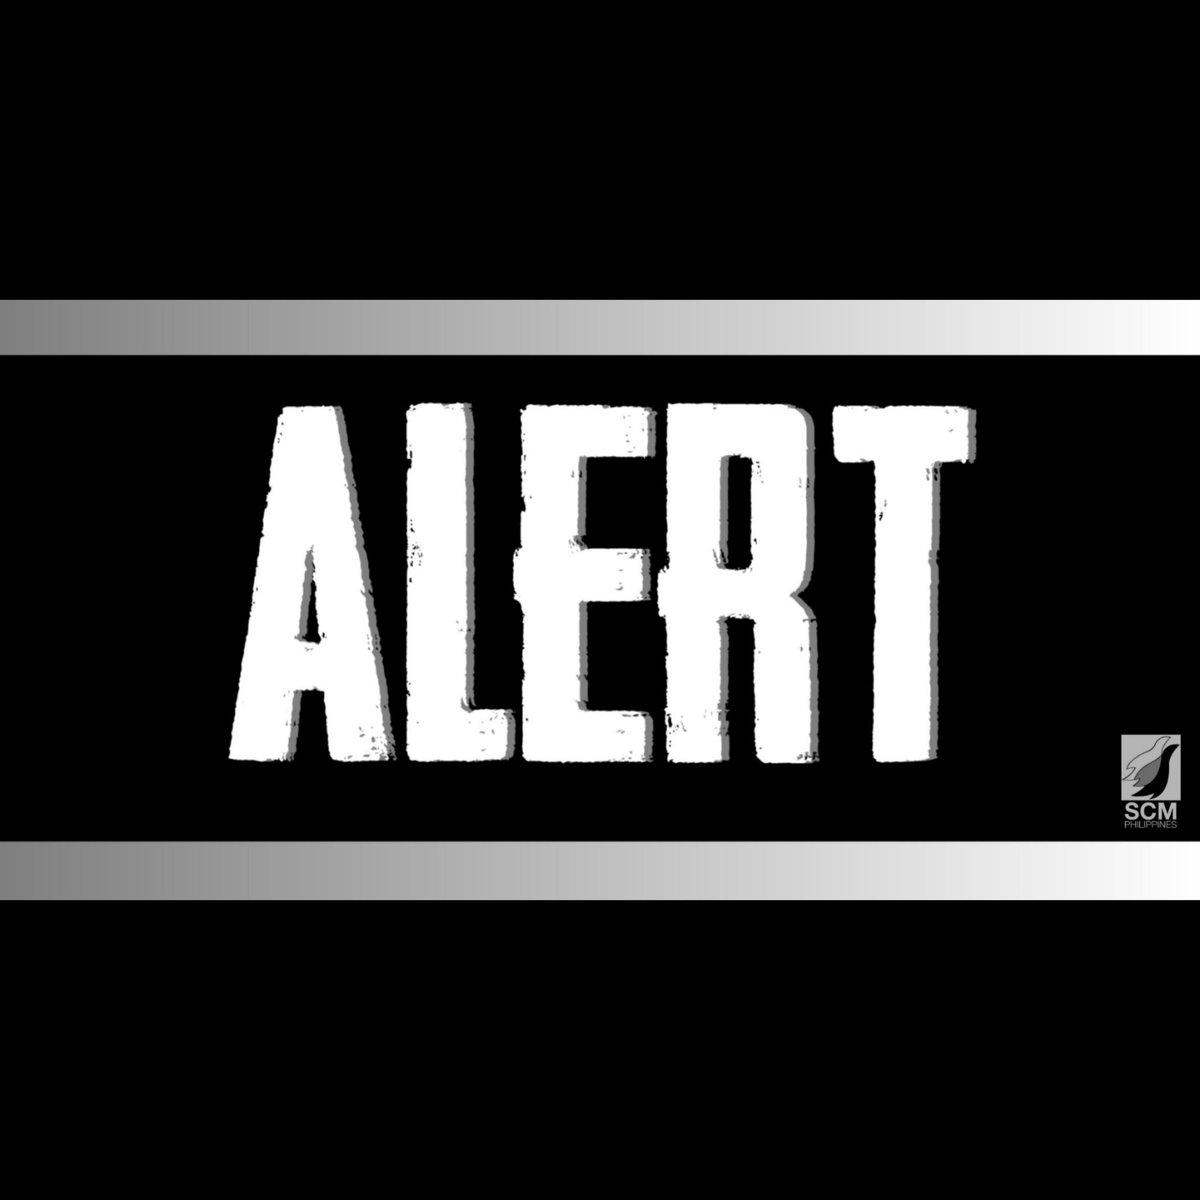 ALERT‼️ Inulat ng BAYAN-Laguna na ilang mga bahay ng mga magsasaka sa Sitio Buntog, Hacienda Yulo, Calamba City ay sinunog ng mga tauhan ng Seraph Security Agency ng mga alas-4 kahapon, Enero 23. (1/6) #DefendHaciendaYuloFarmers #StandWithFarmers #NoToDevelopmentAggression